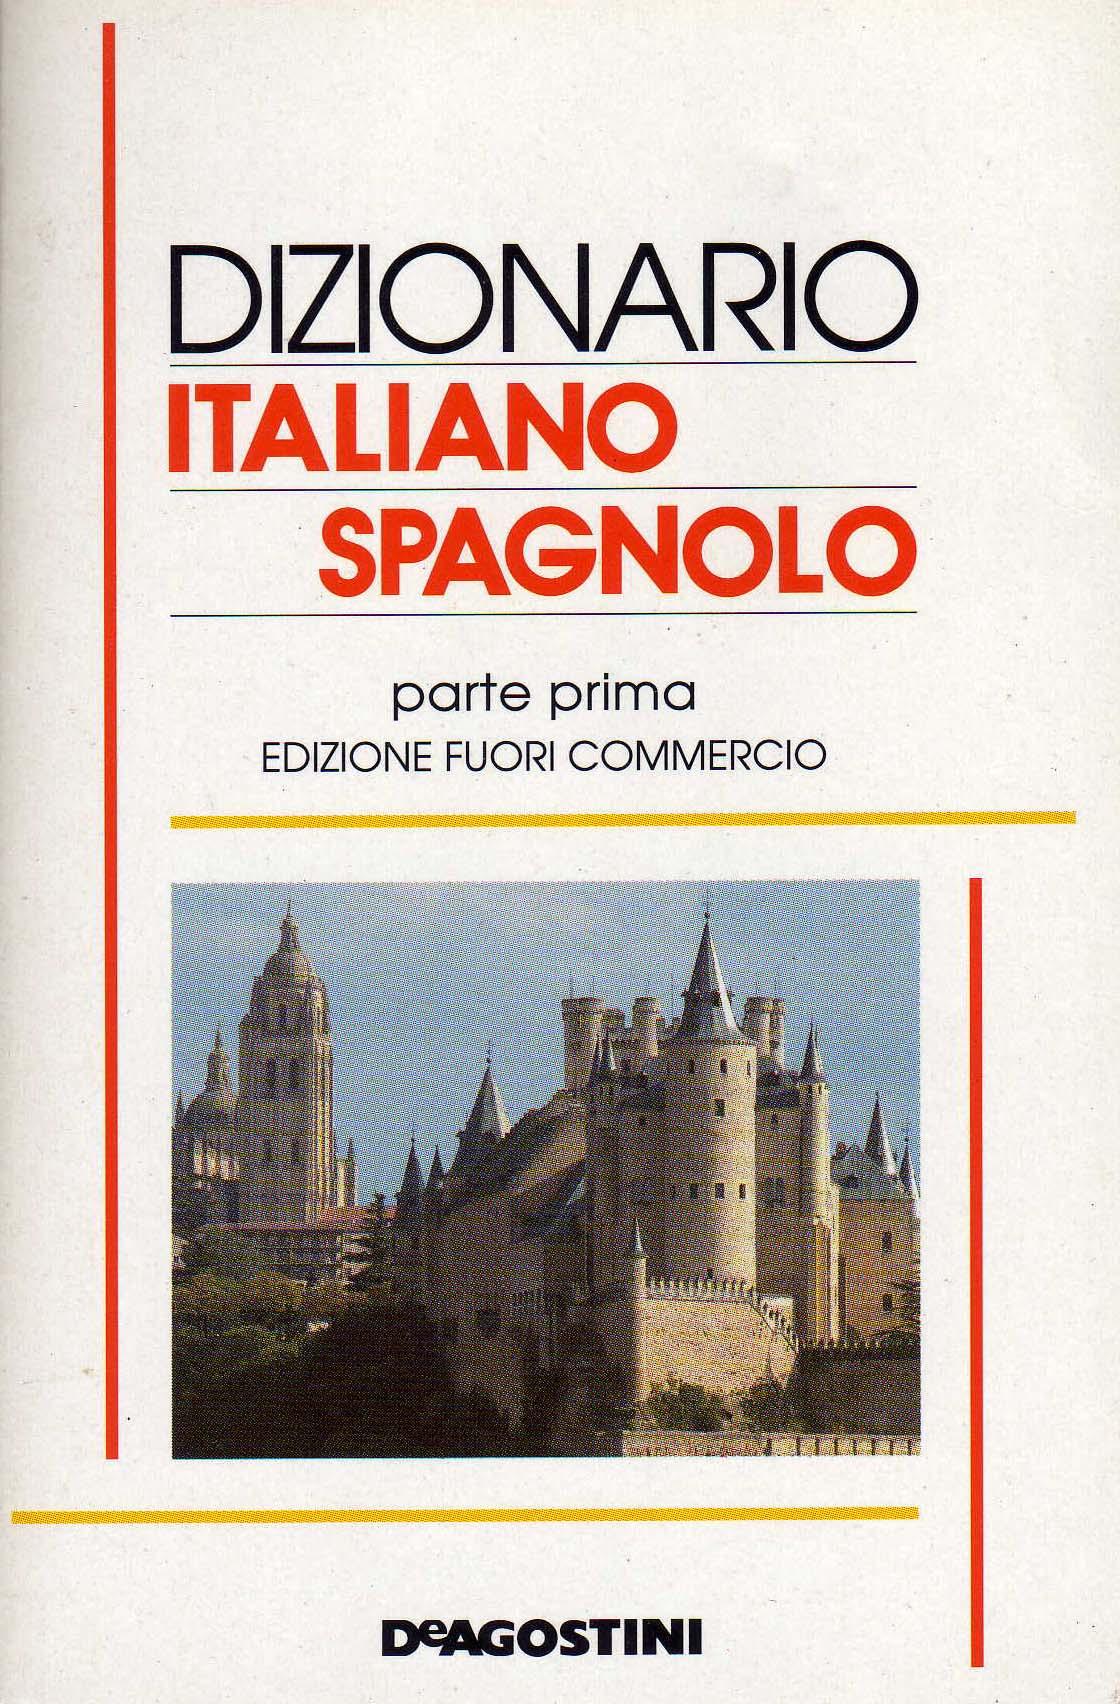 Dizionario italiano spagnolo